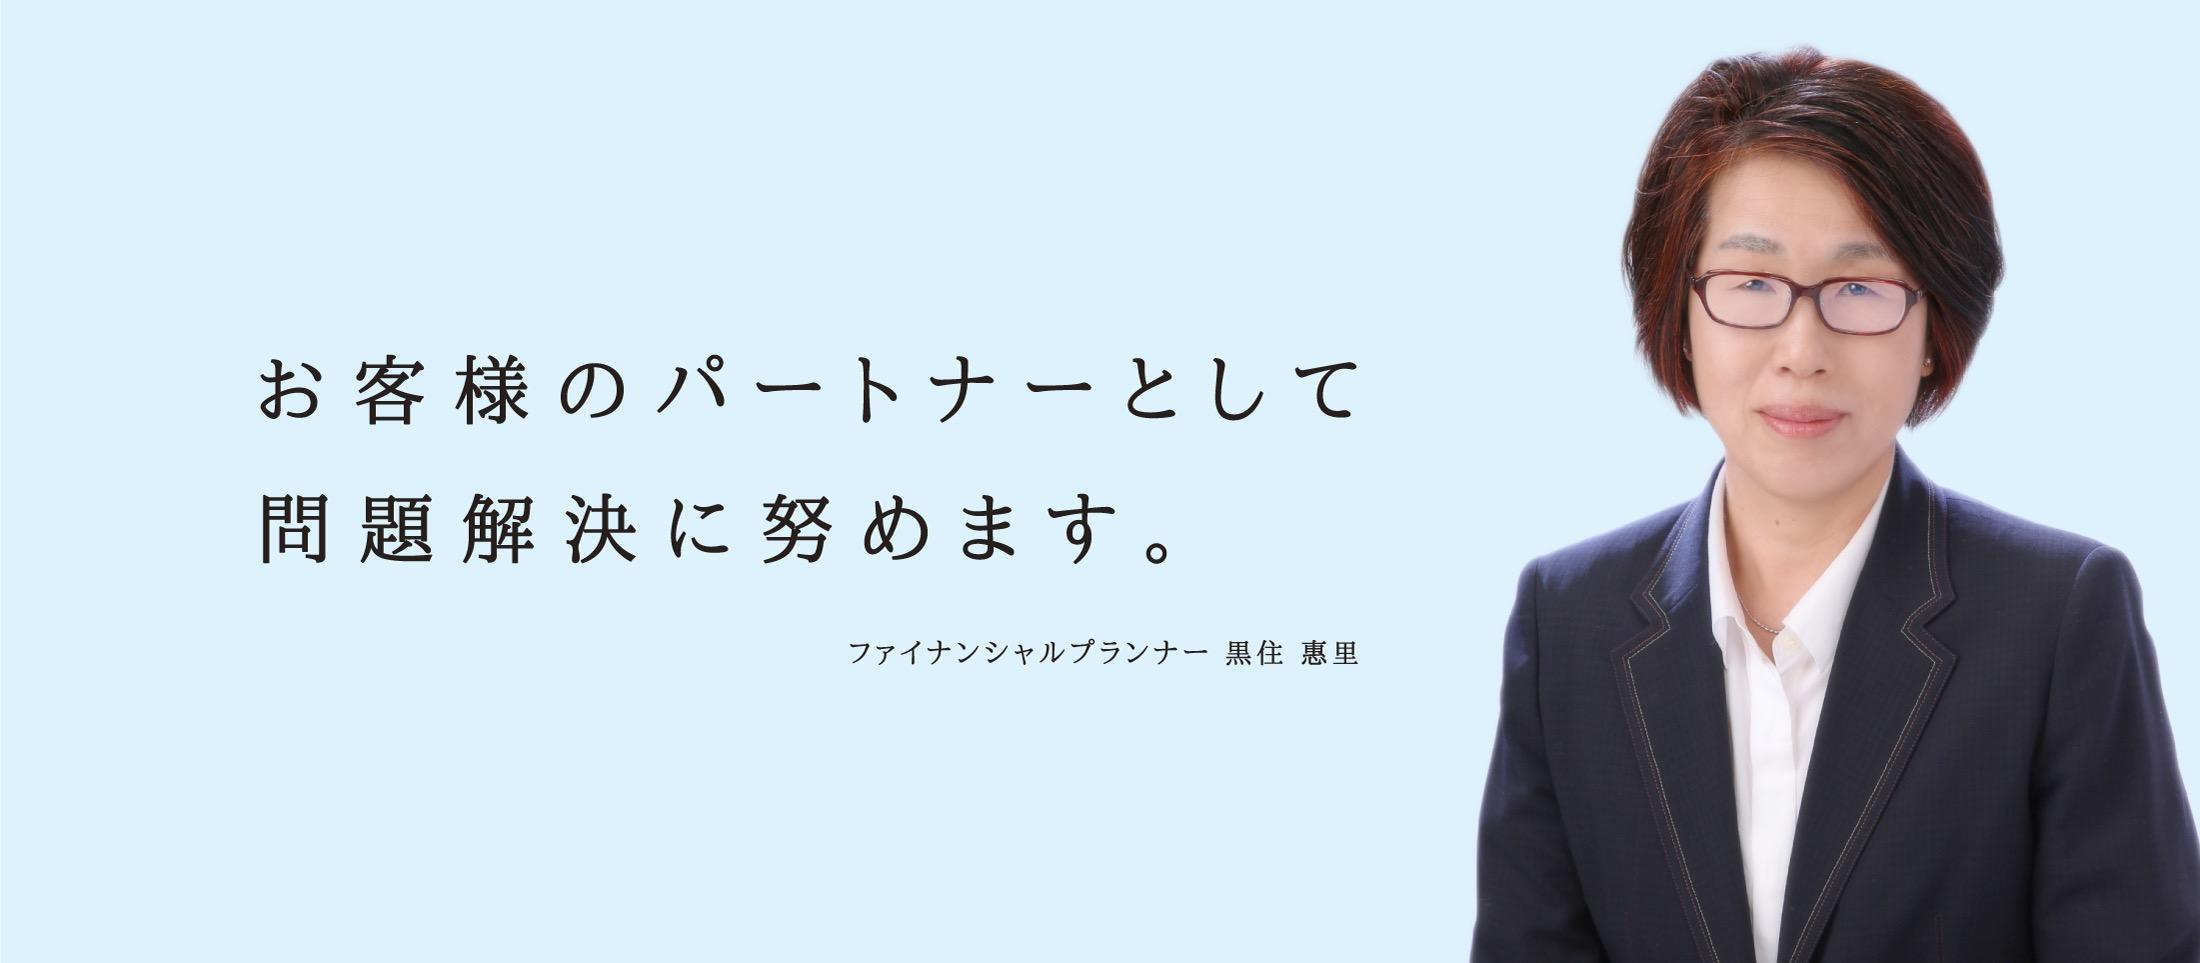 岡山の相続・事業承継・不動産対策専門のファイナンシャルプランナー黒住